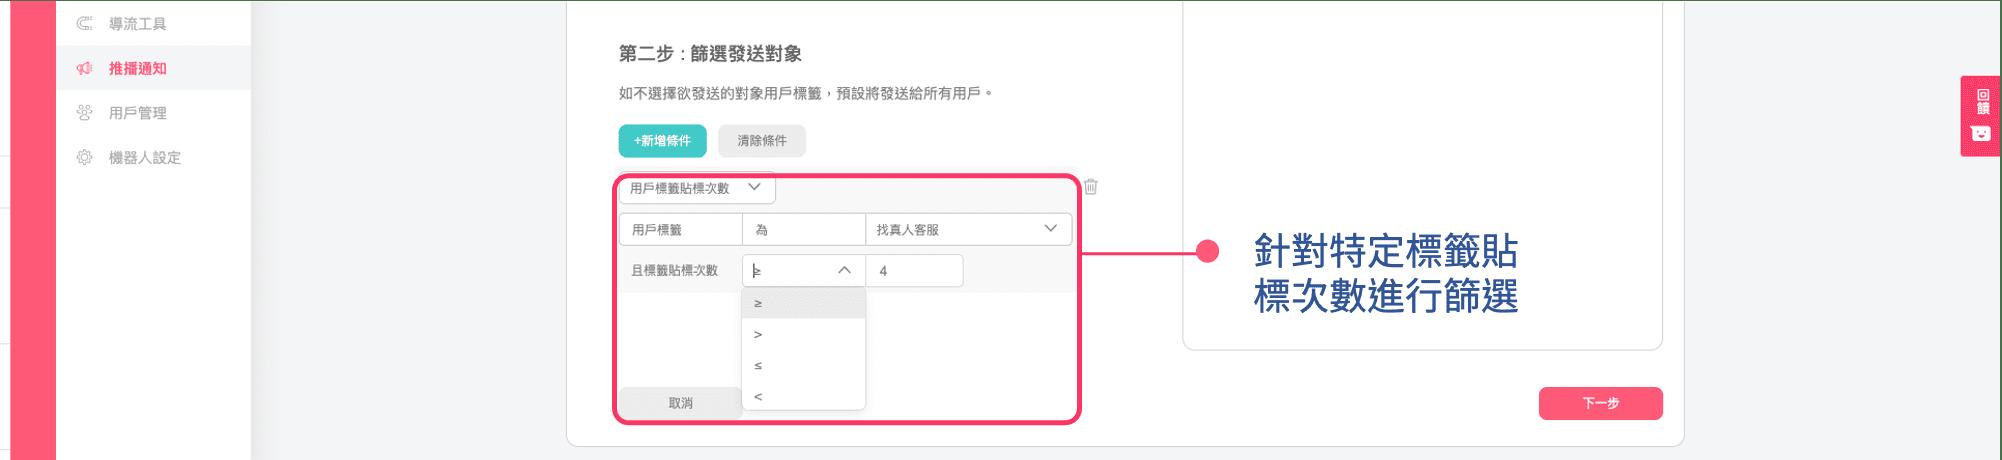 用戶標籤次數篩選